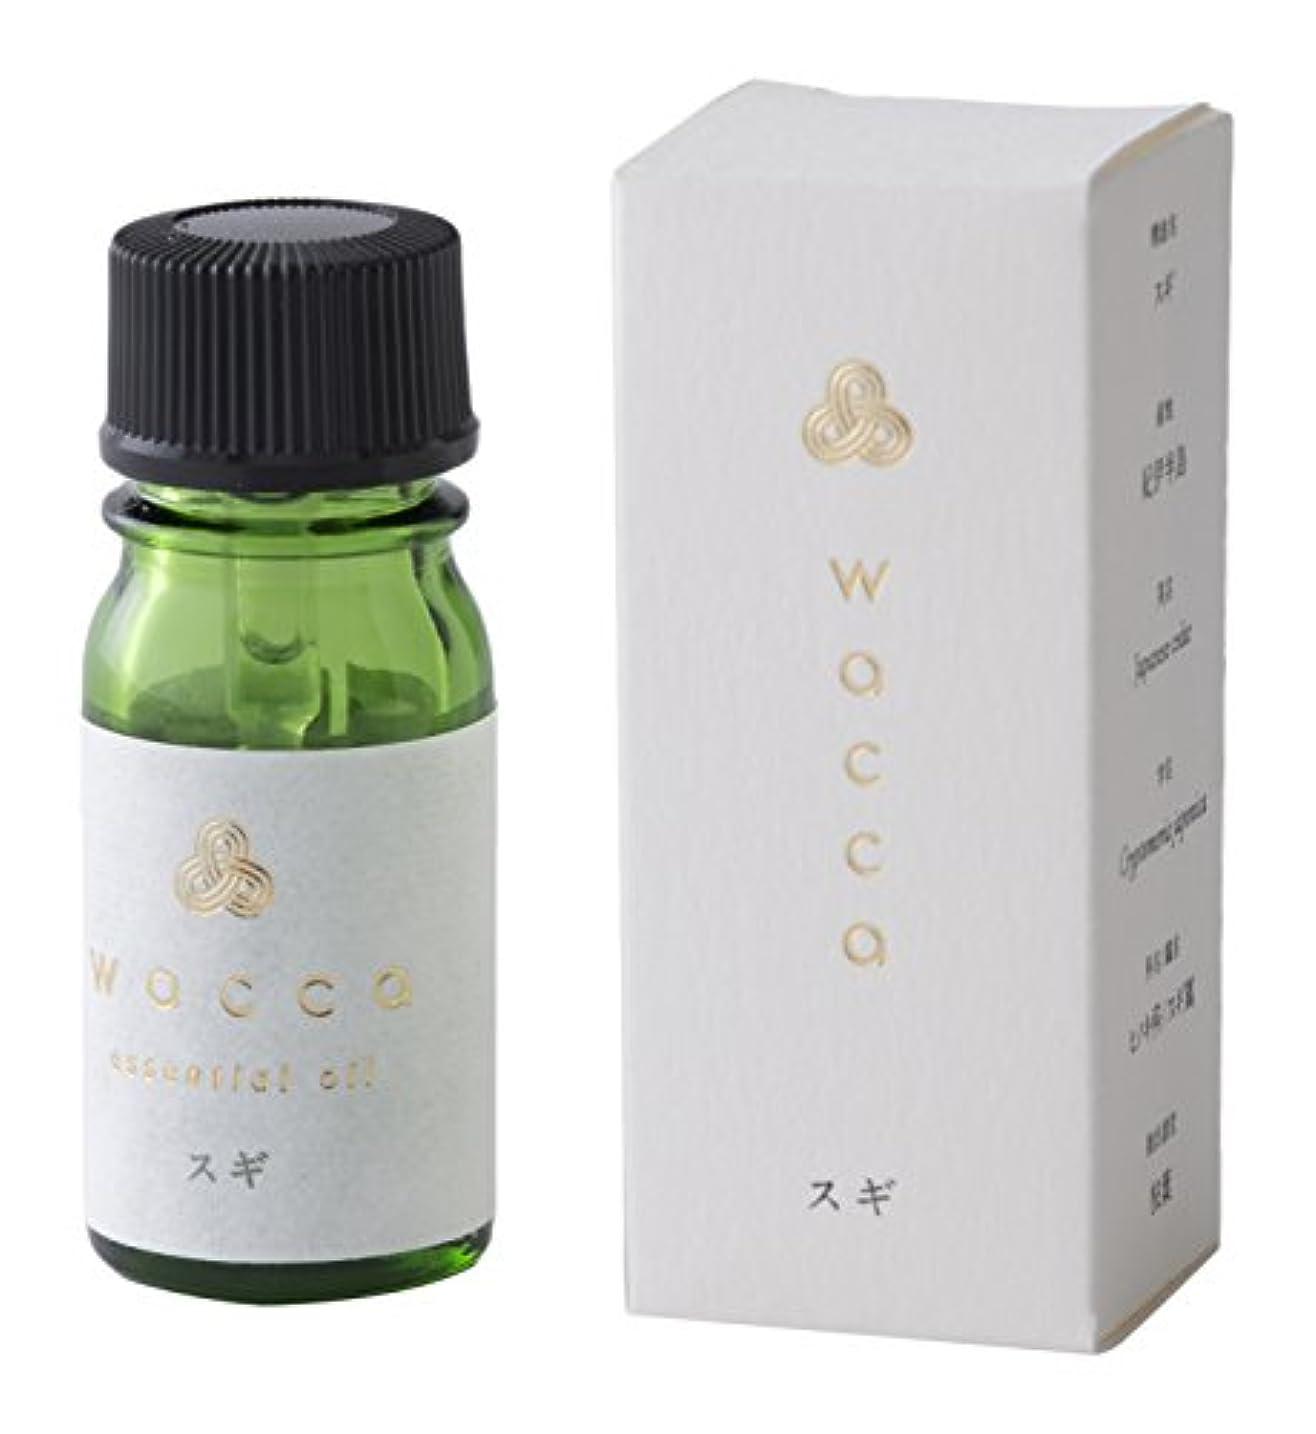 覚えている直接観光wacca ワッカ エッセンシャルオイル 5ml 杉 スギ Japanese cedar essential oil 和精油 KUSU HANDMADE